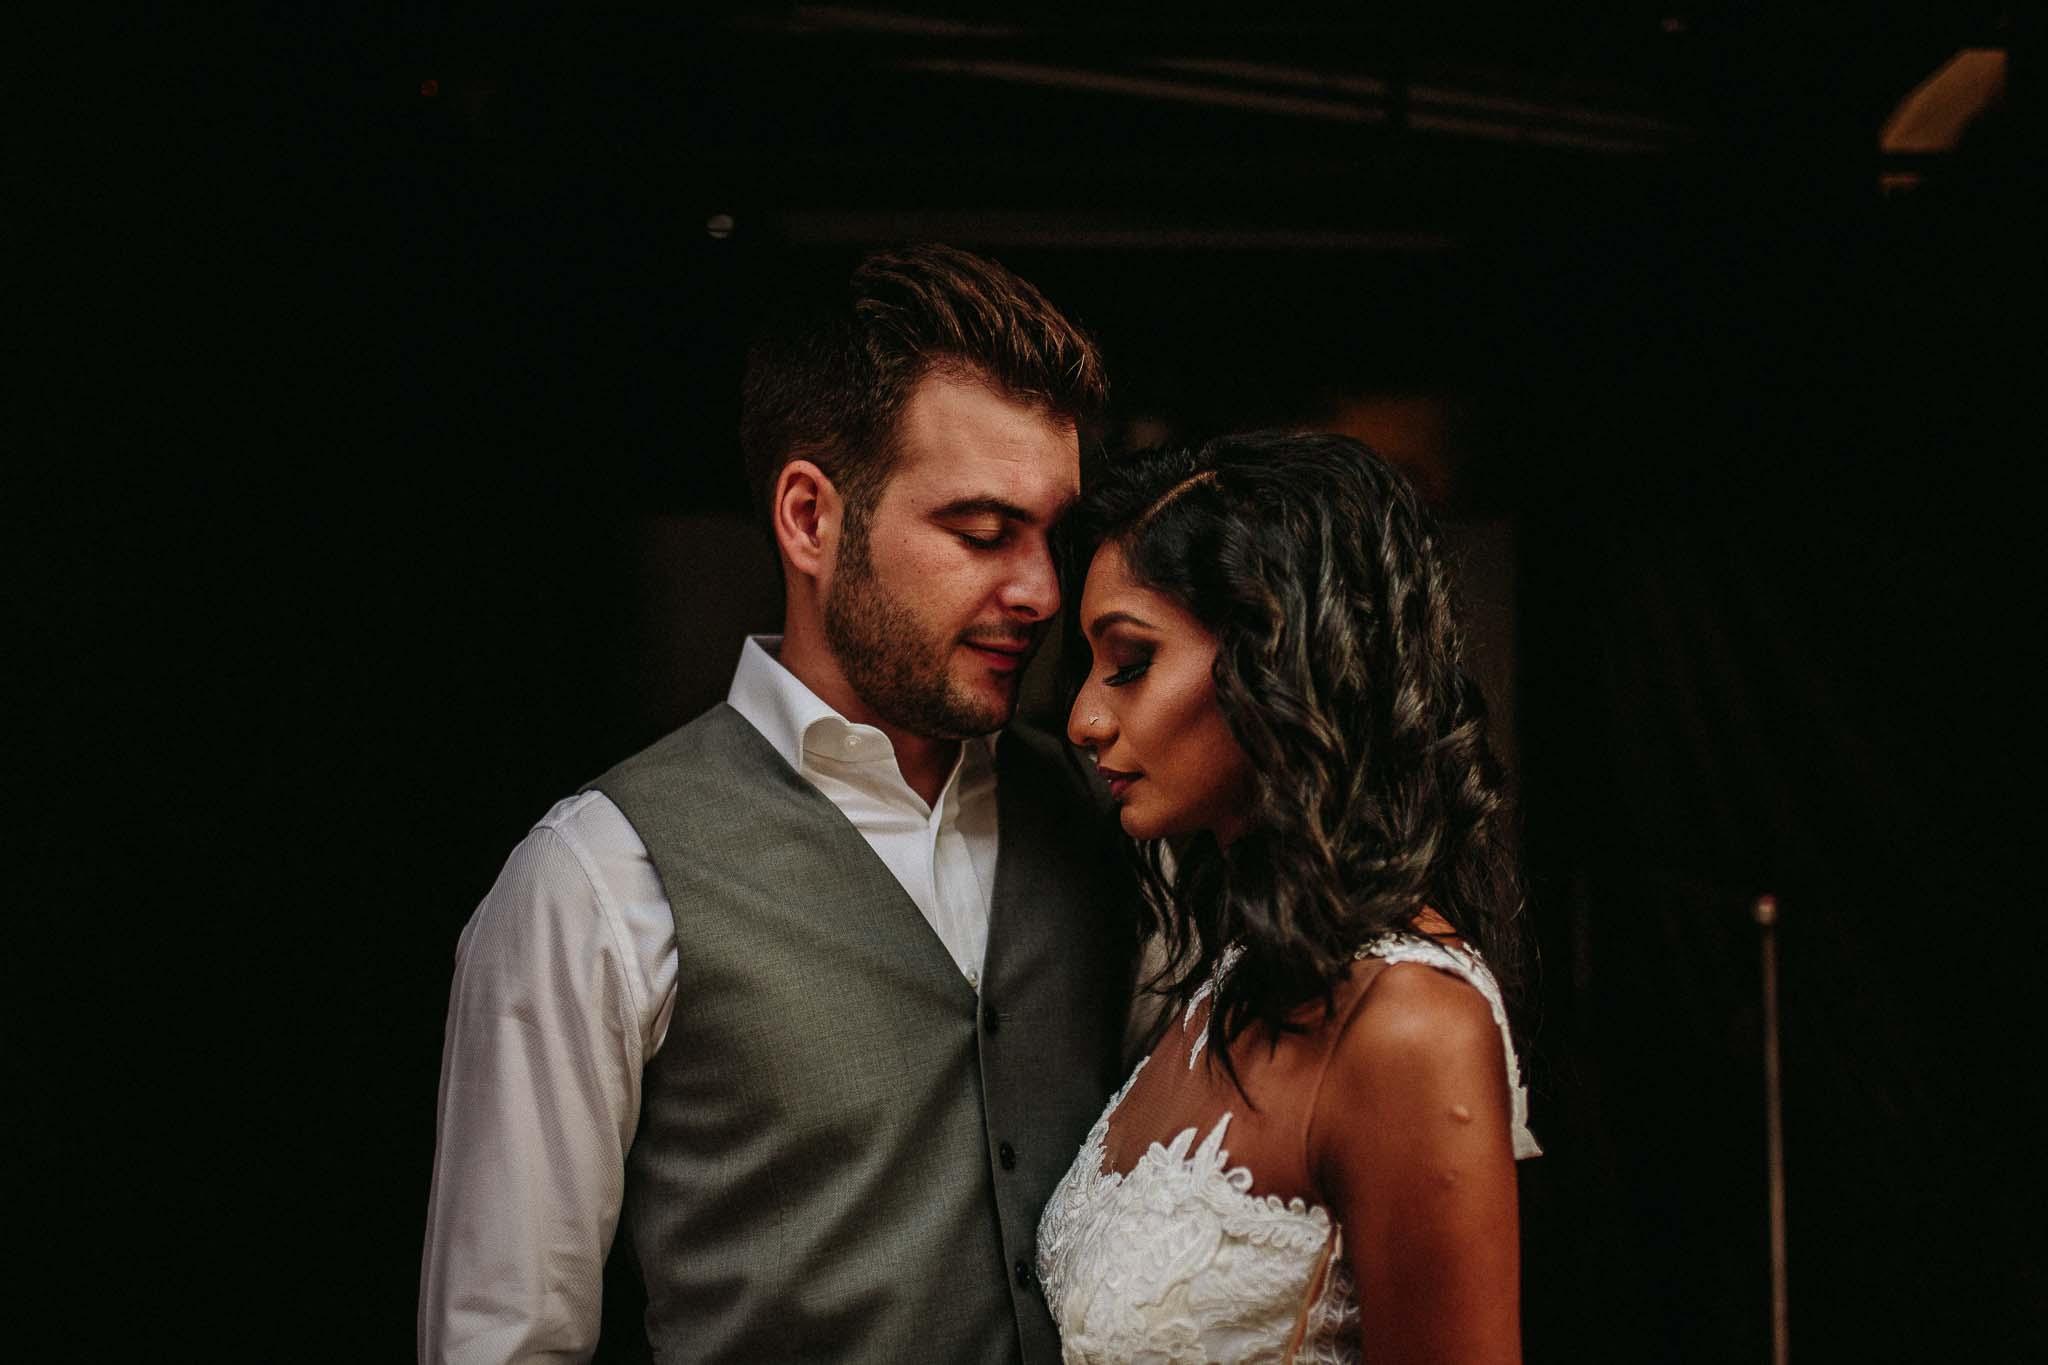 u&m-weddingsbyqay-lovesession-destinationweddingphotographer (42 of 160).jpg